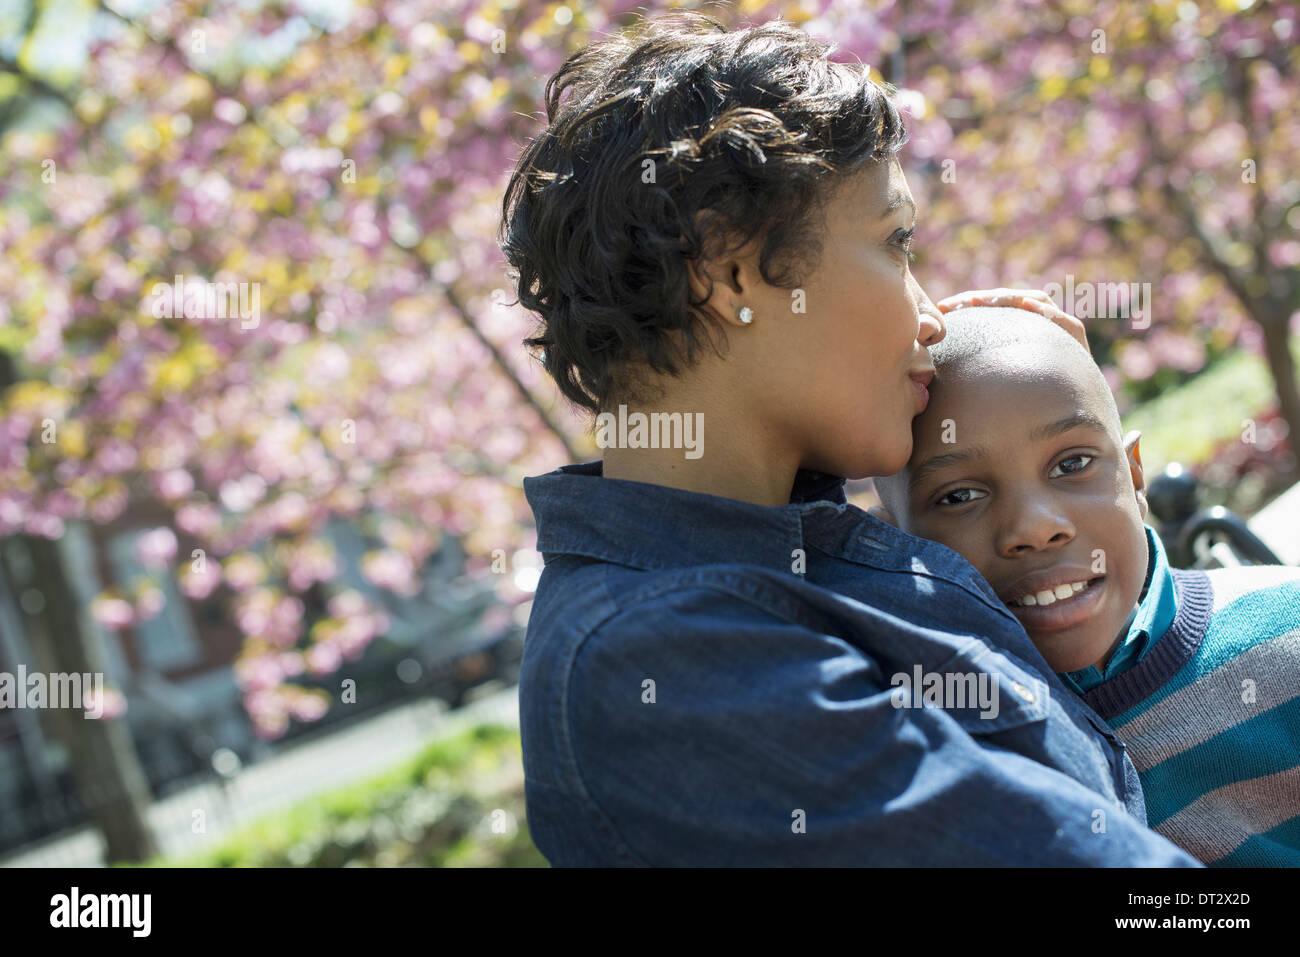 Sonnenschein und Kirschen blühen, Mutter und Sohn Zeit miteinander zu verbringen Stockbild